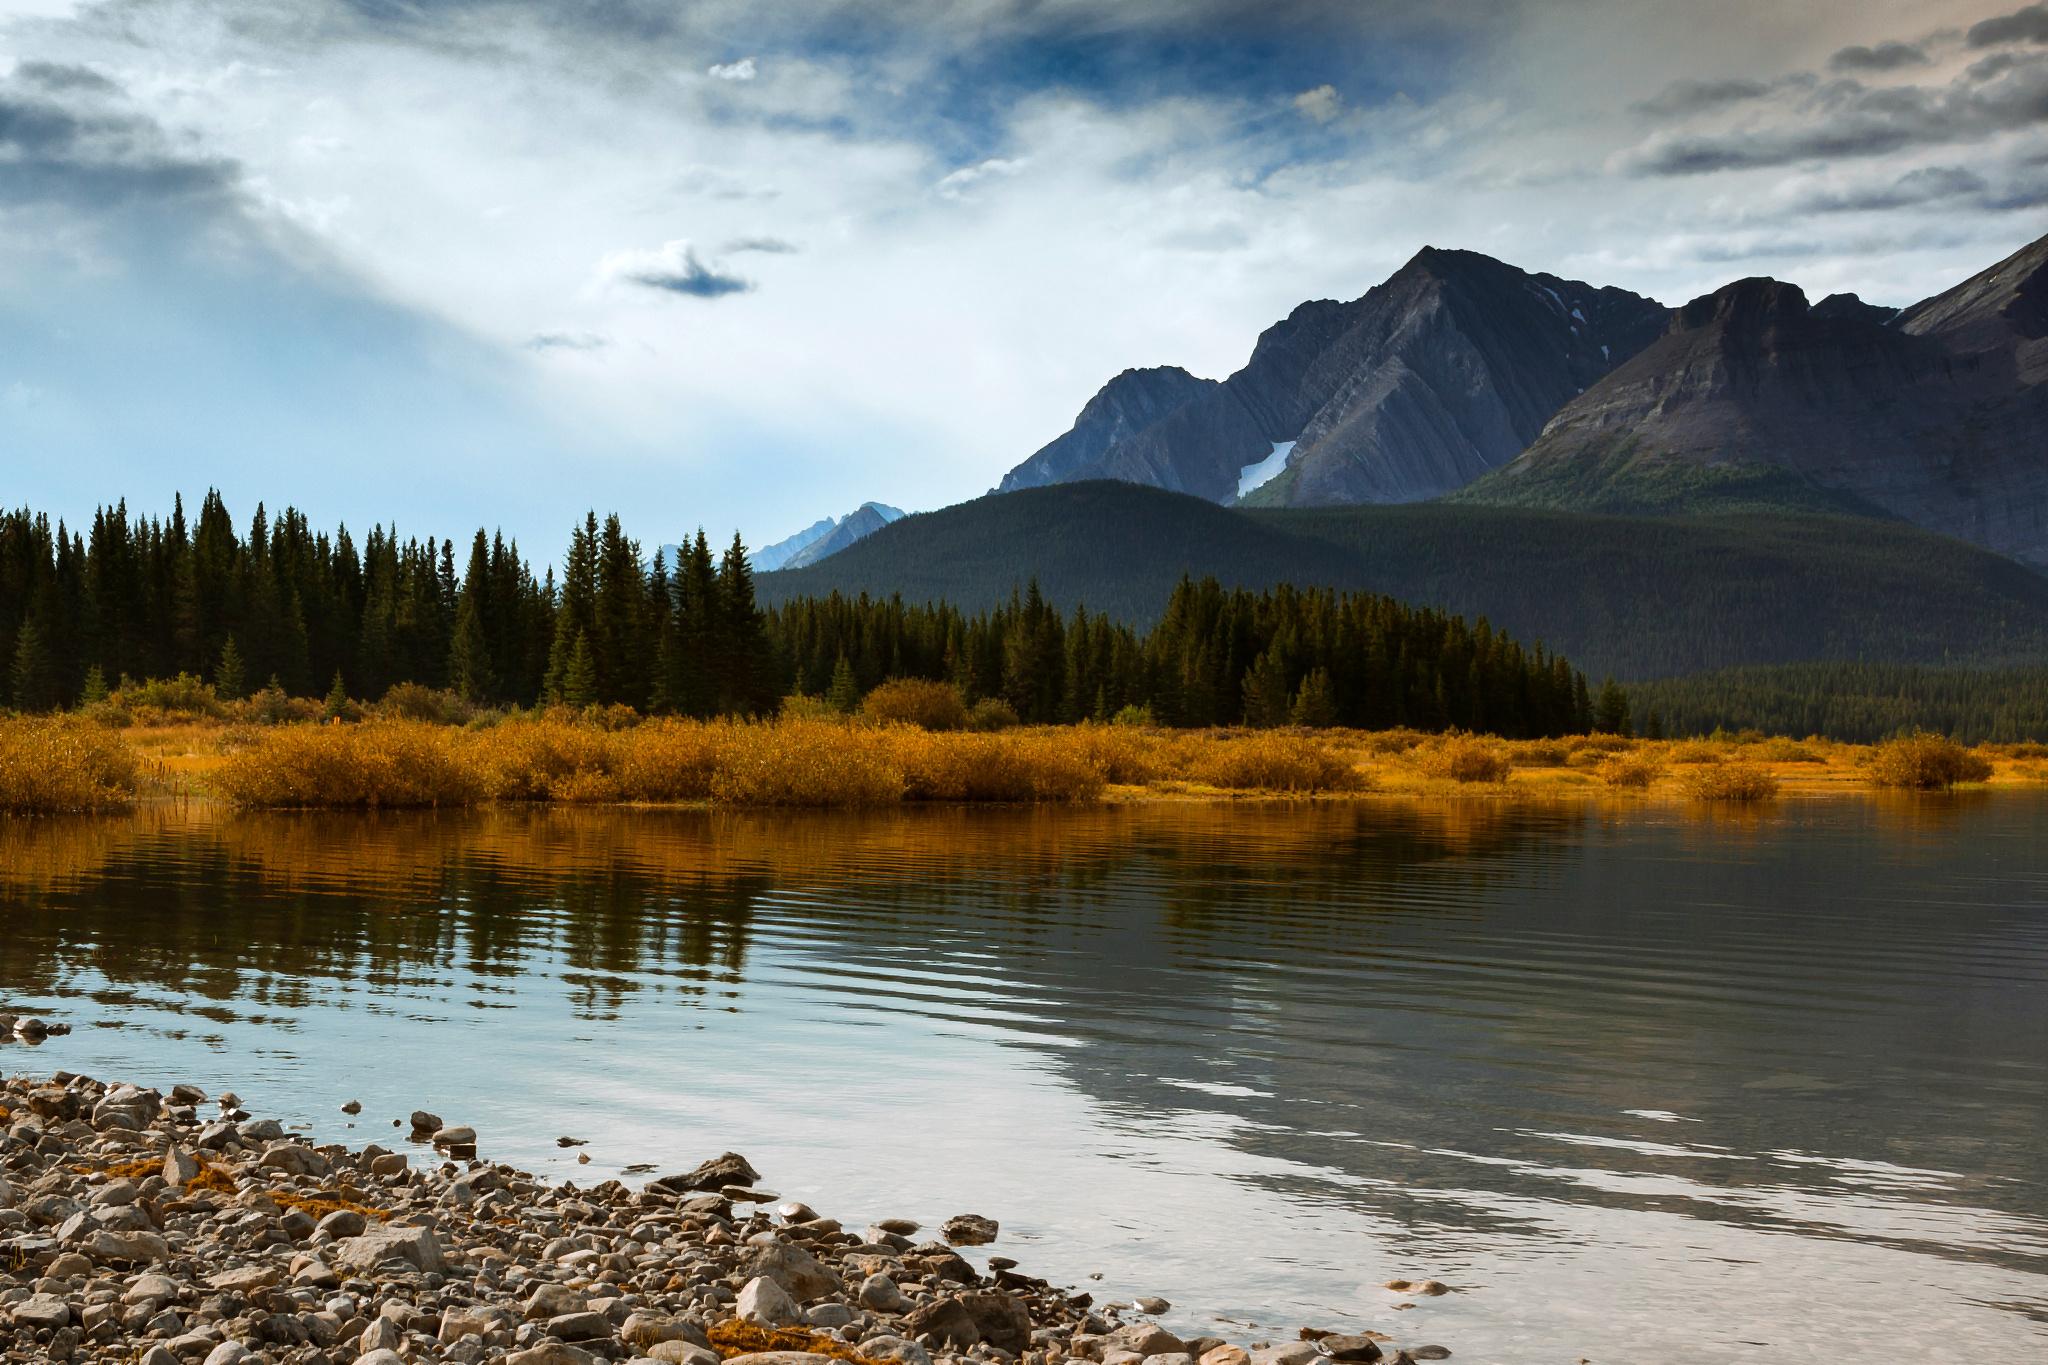 горы озеро деревья небо  № 3234859 бесплатно